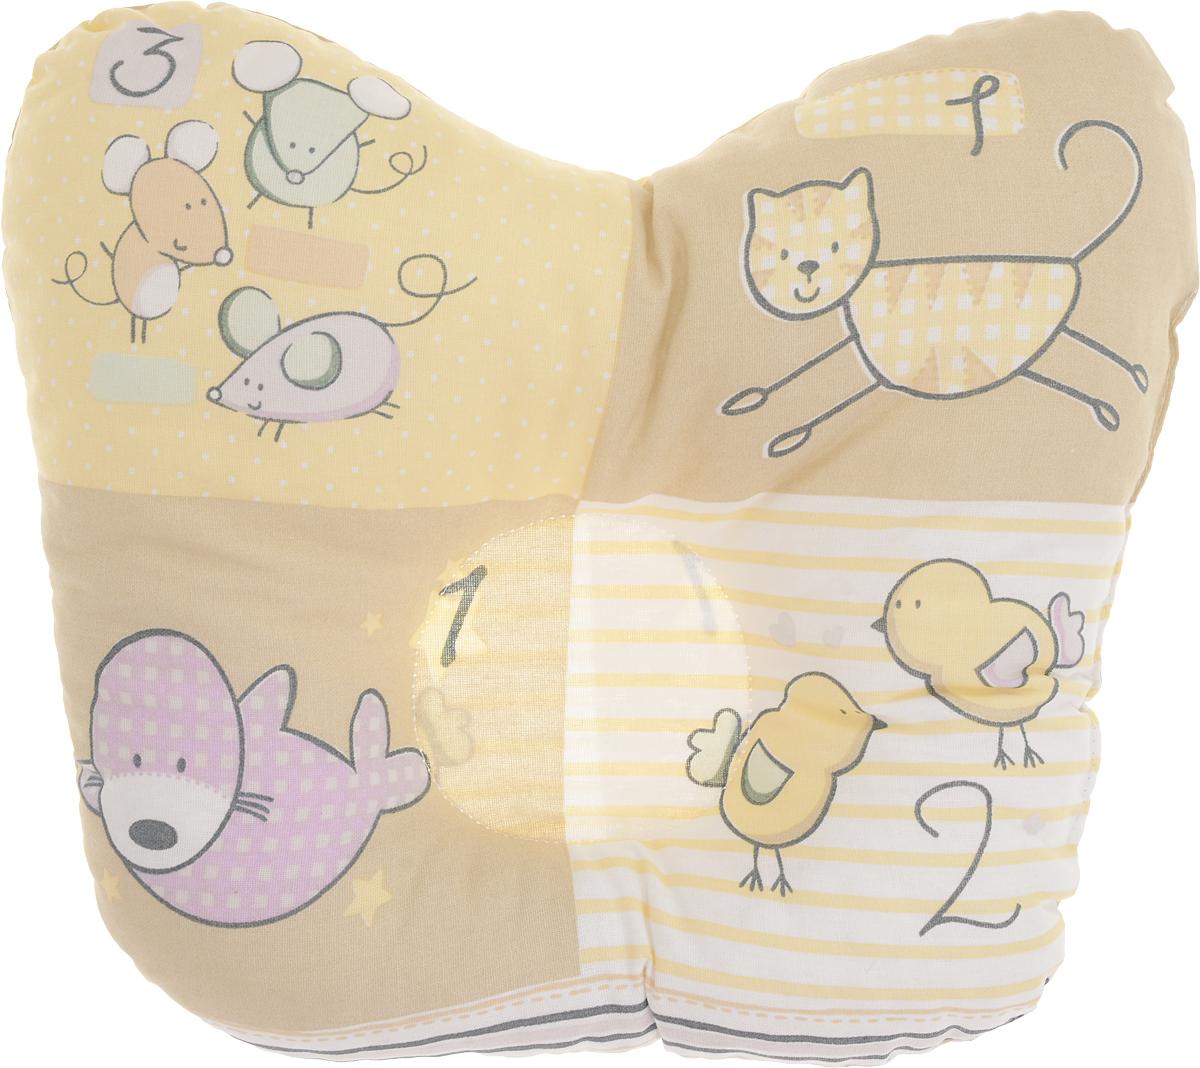 Сонный гномик Подушка анатомическая для младенцев Цыплята кот и мыши 27 х 25 см555А_желтый, бежевыйАнатомическая подушка для младенцев Сонный гномик Цыплята кот и мыши компактна и удобна для пеленания малыша и кормления на руках, она также незаменима для сна ребенка в кроватке и комфортна для использования в коляске на прогулке. Углубление в подушке фиксирует правильное положение головы ребенка.Подушка помогает правильному формированию шейного отдела позвоночника.